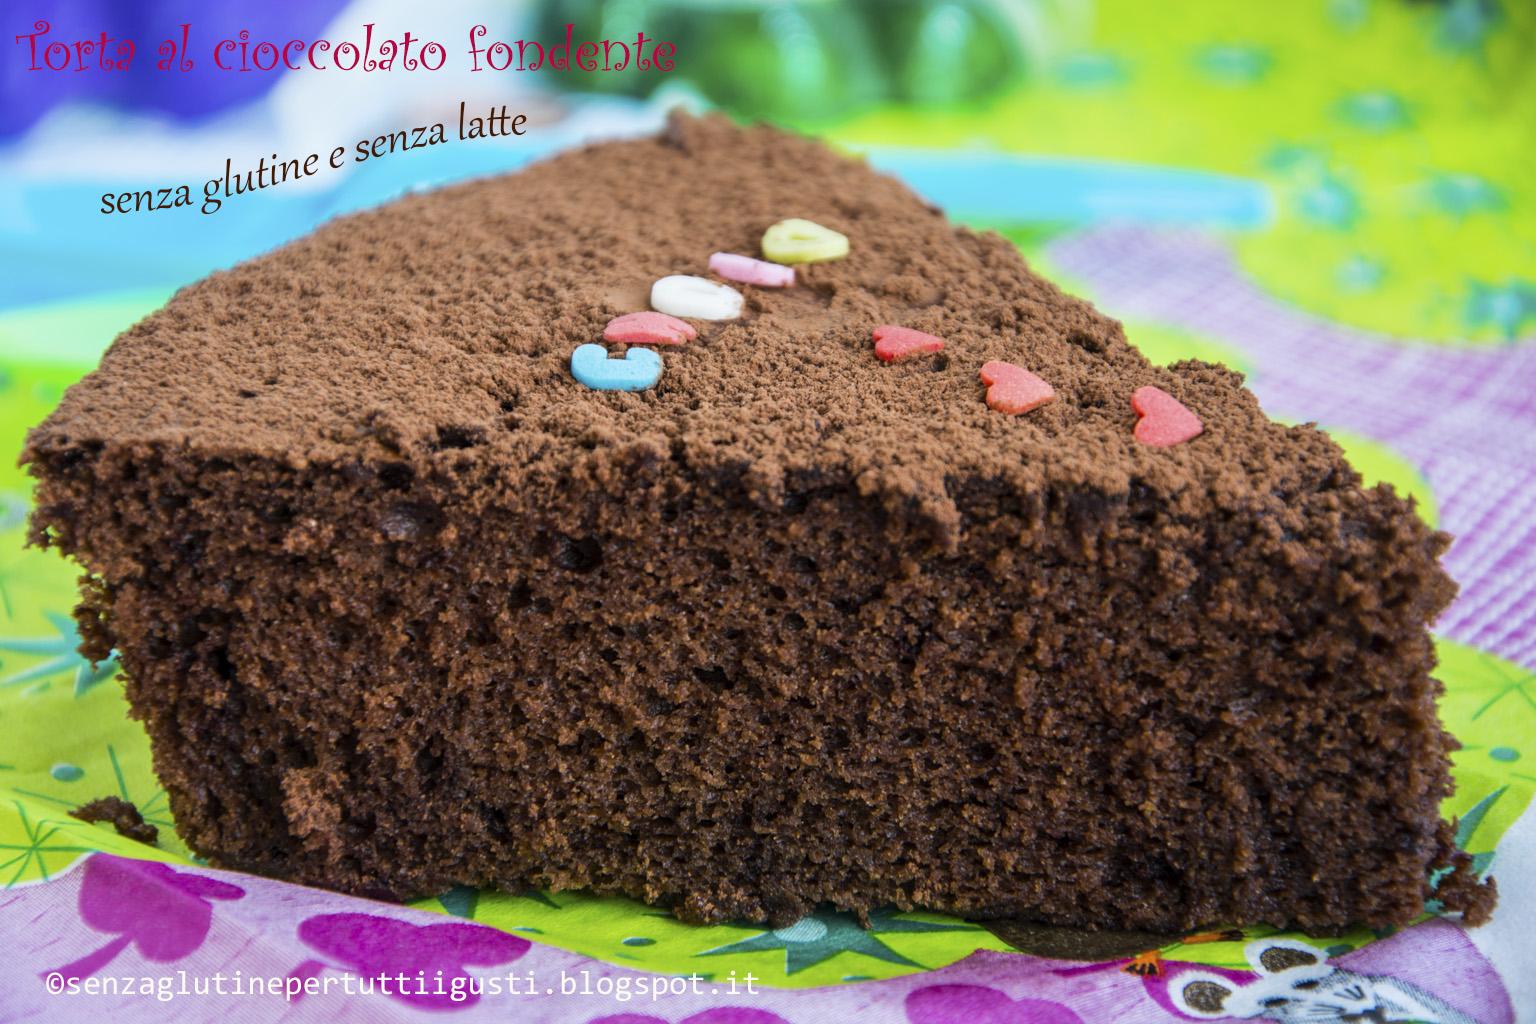 torta al cioccolato fondente senza glutine e senza latte